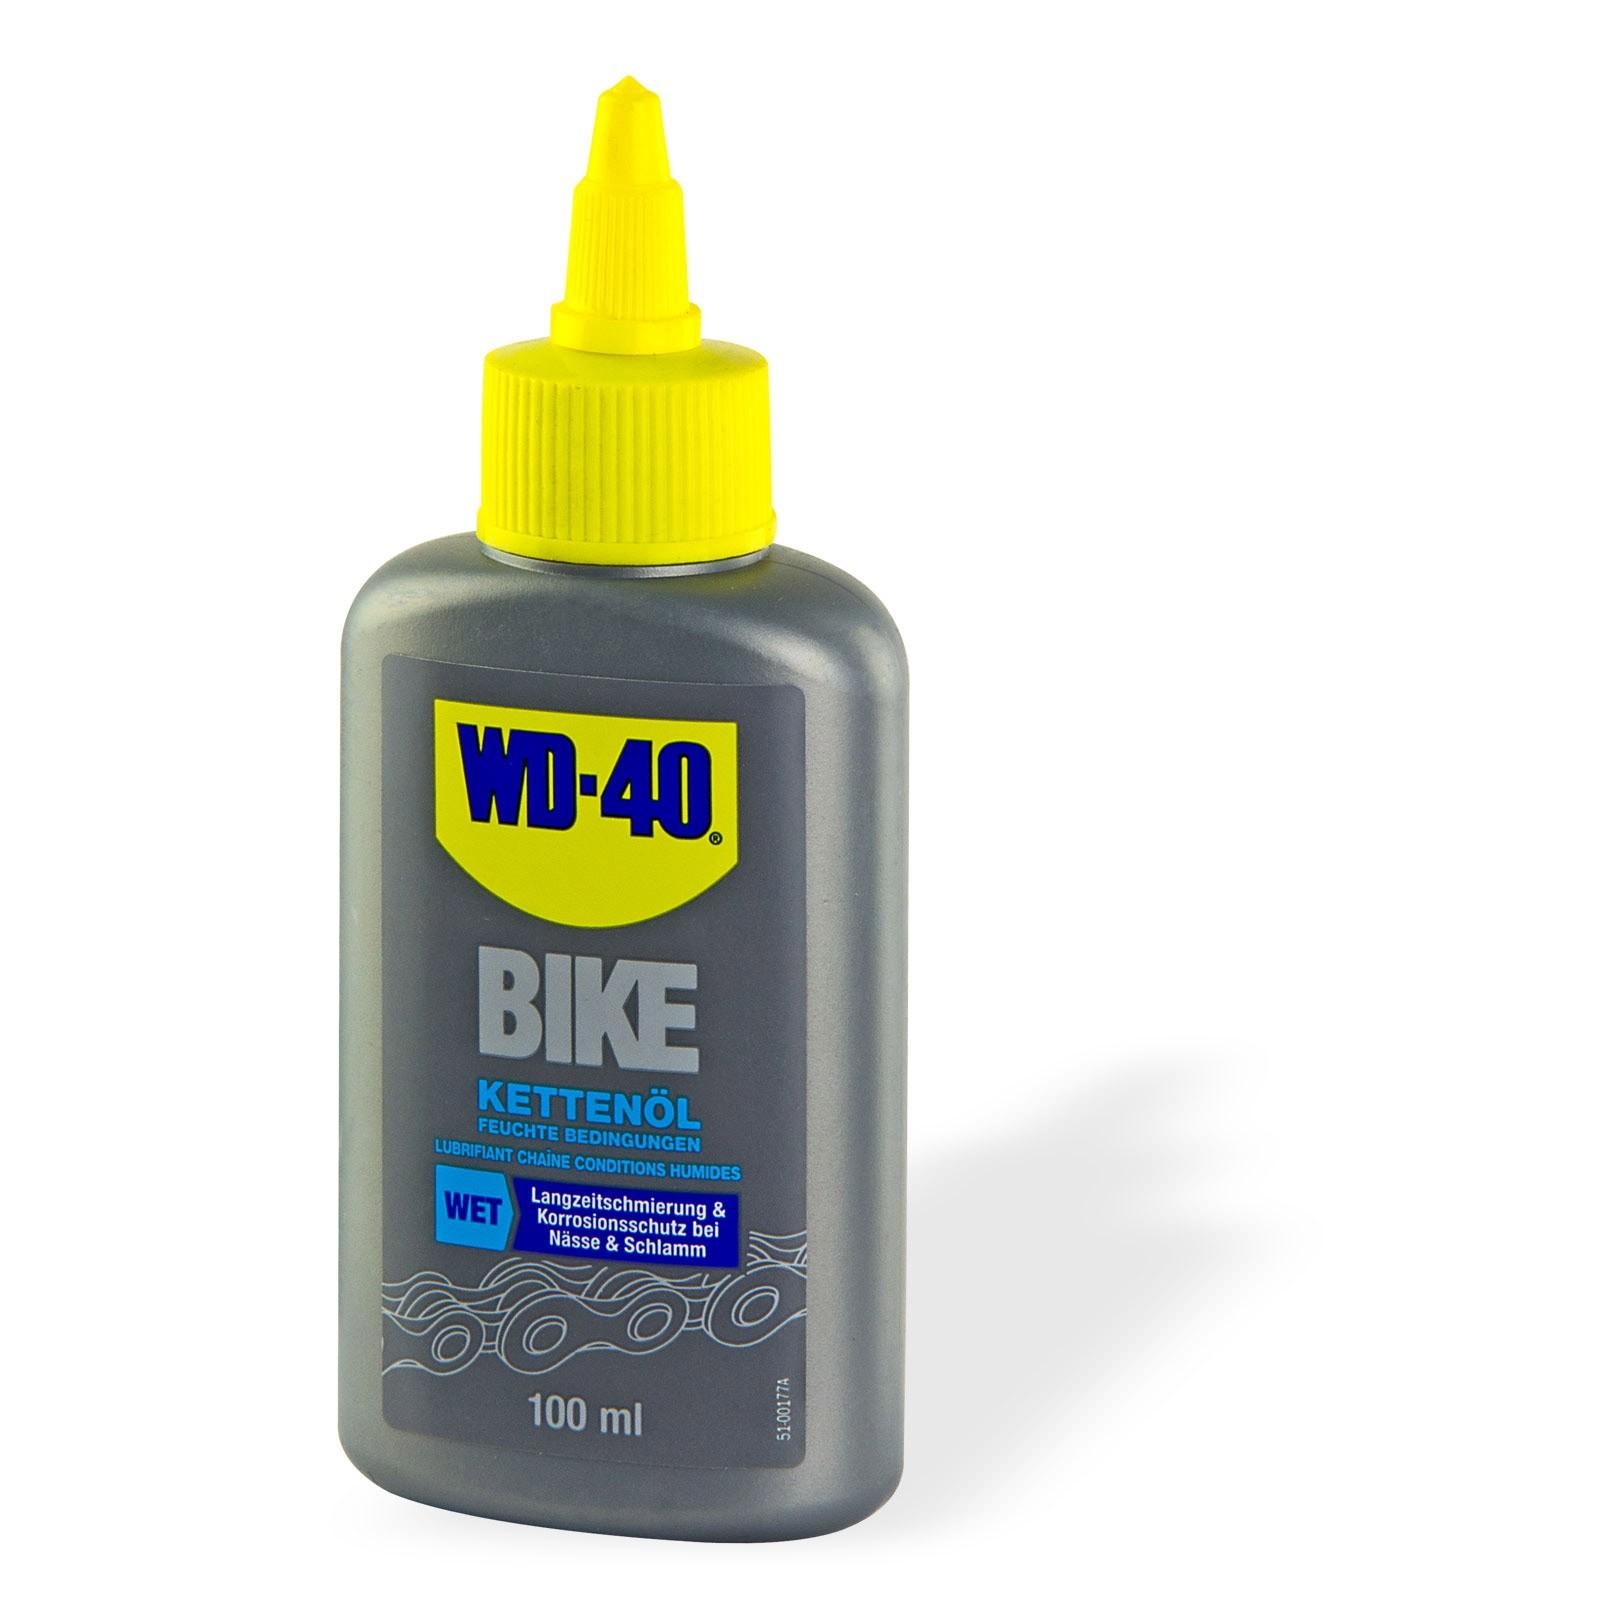 WD-40 Bike Fahrrad Kettenöl Feucht 100ml